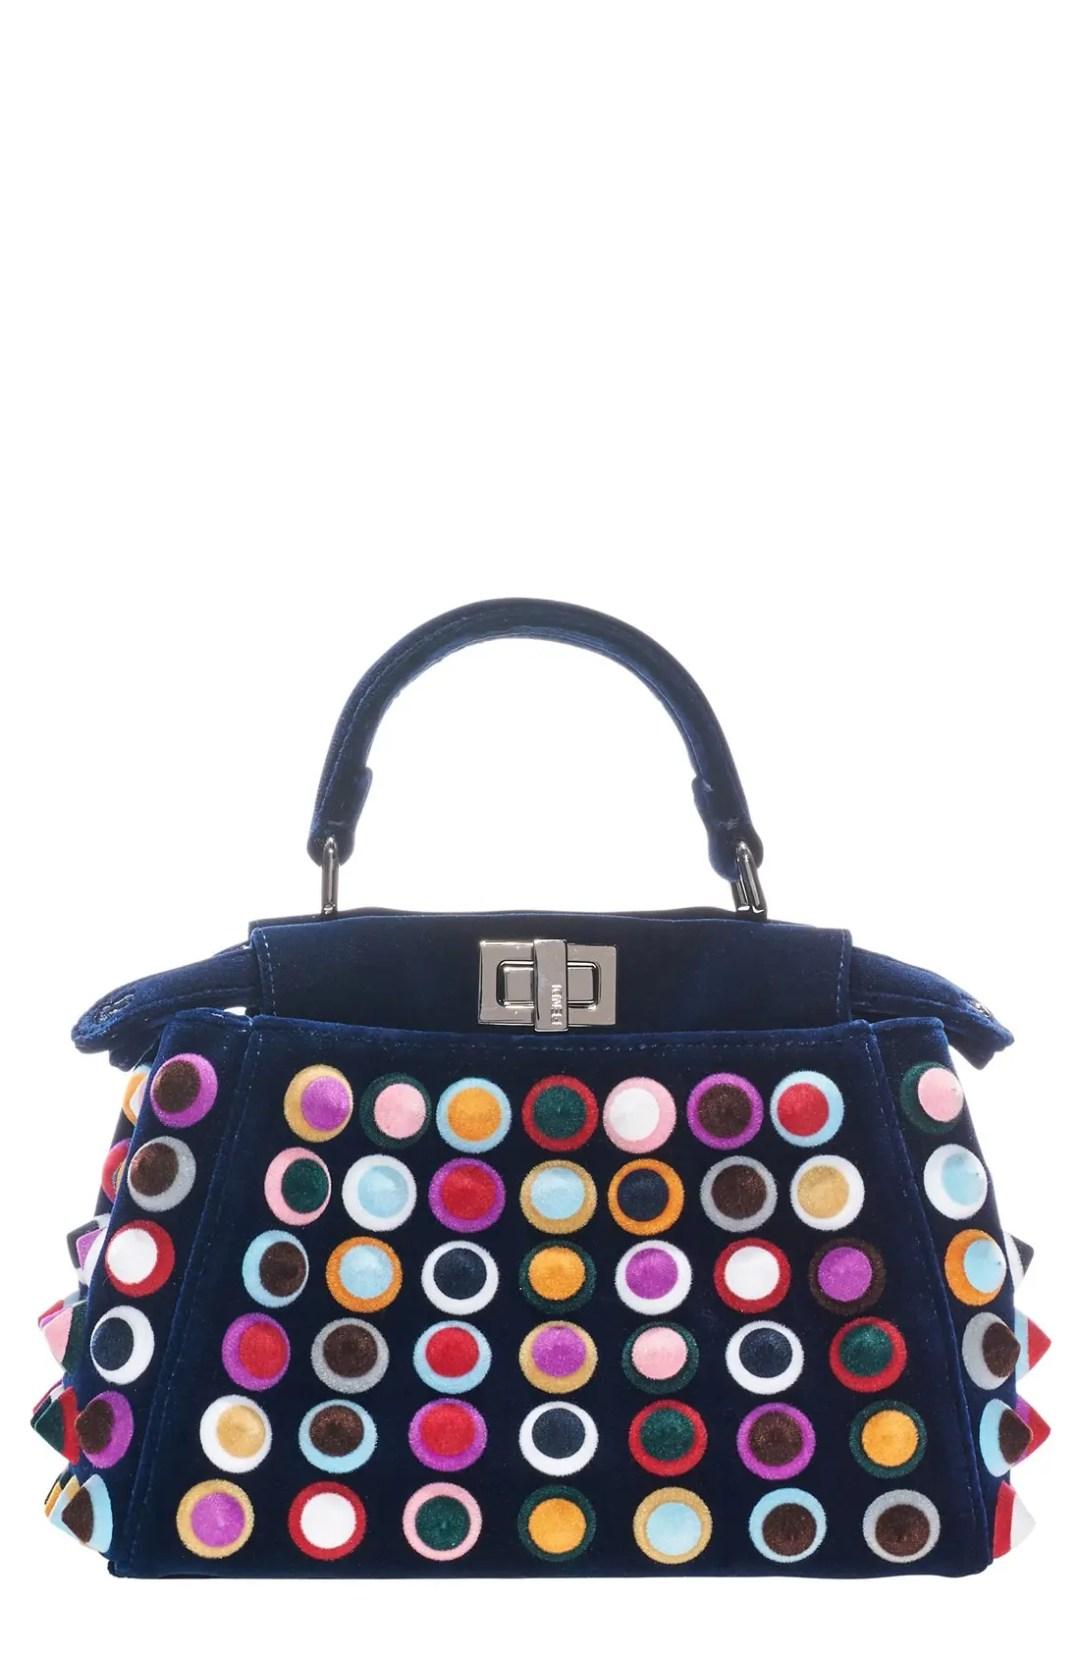 Fendi  Mini Peekaboo – Multistuds  Velvet Bag – Blue – NORDSTROM.com –   5 ed81bd81b7e98